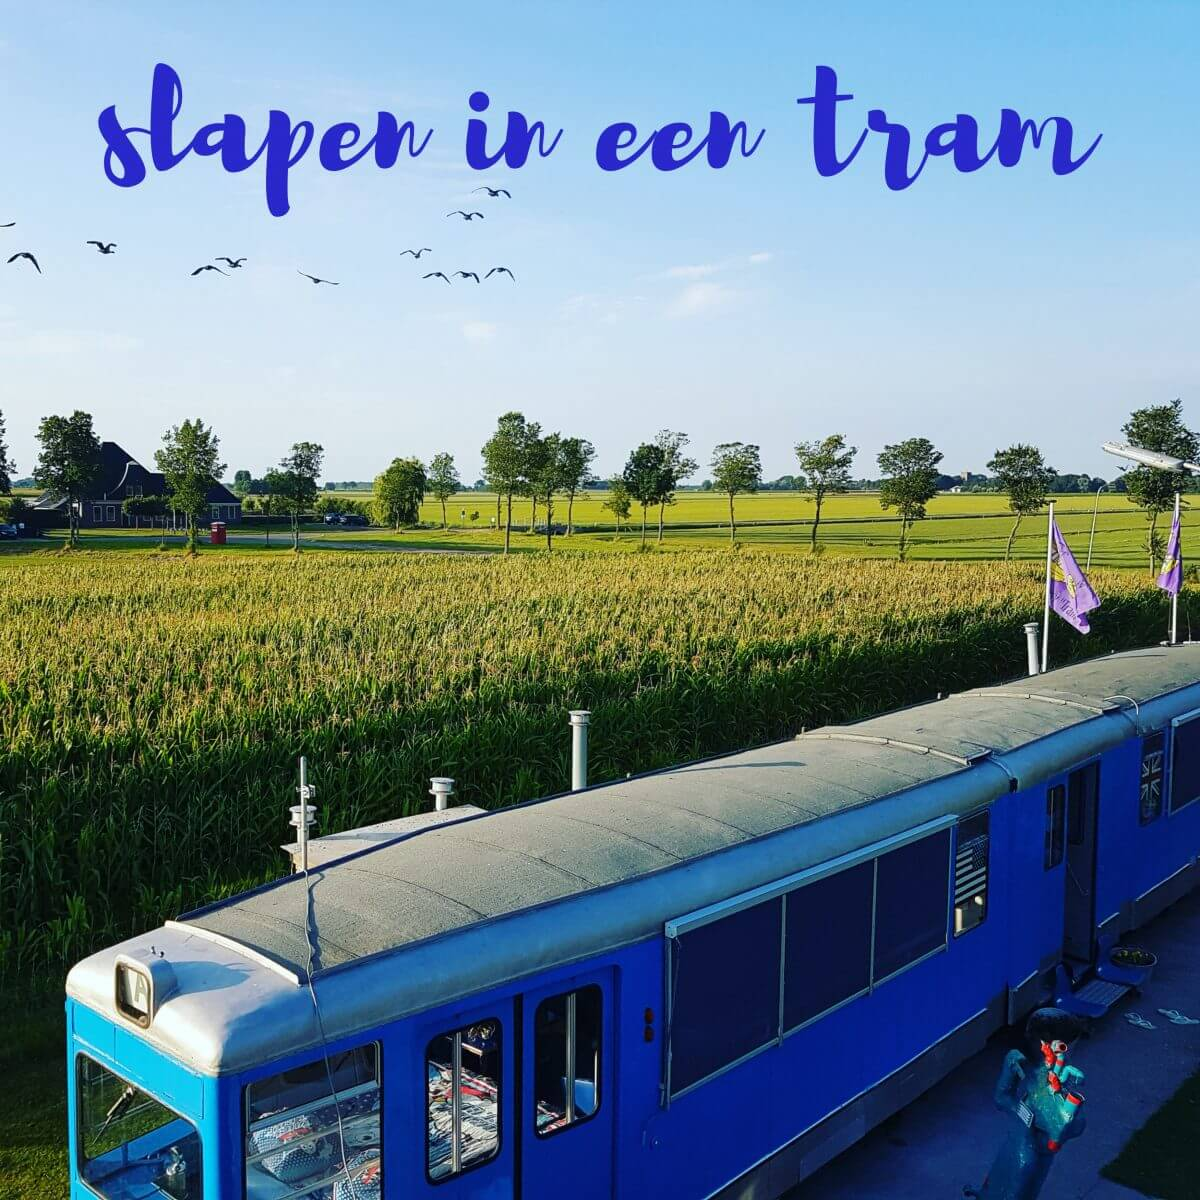 Slapen in een antieke tram... of een vliegtuig, trein of UFO